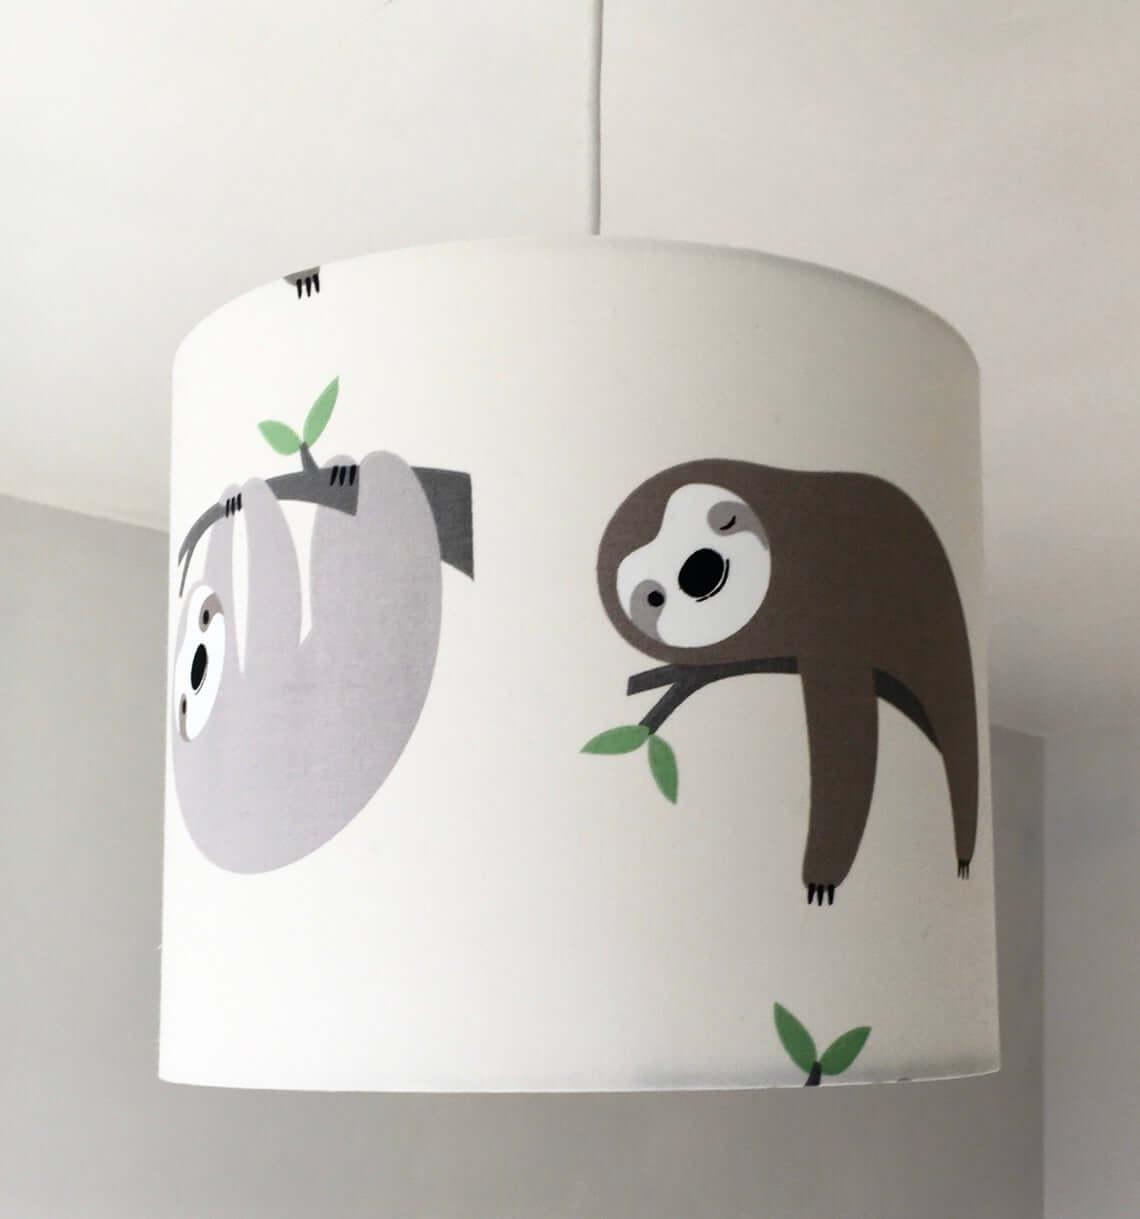 Adorable Cartoon Sloth Lamp Shade